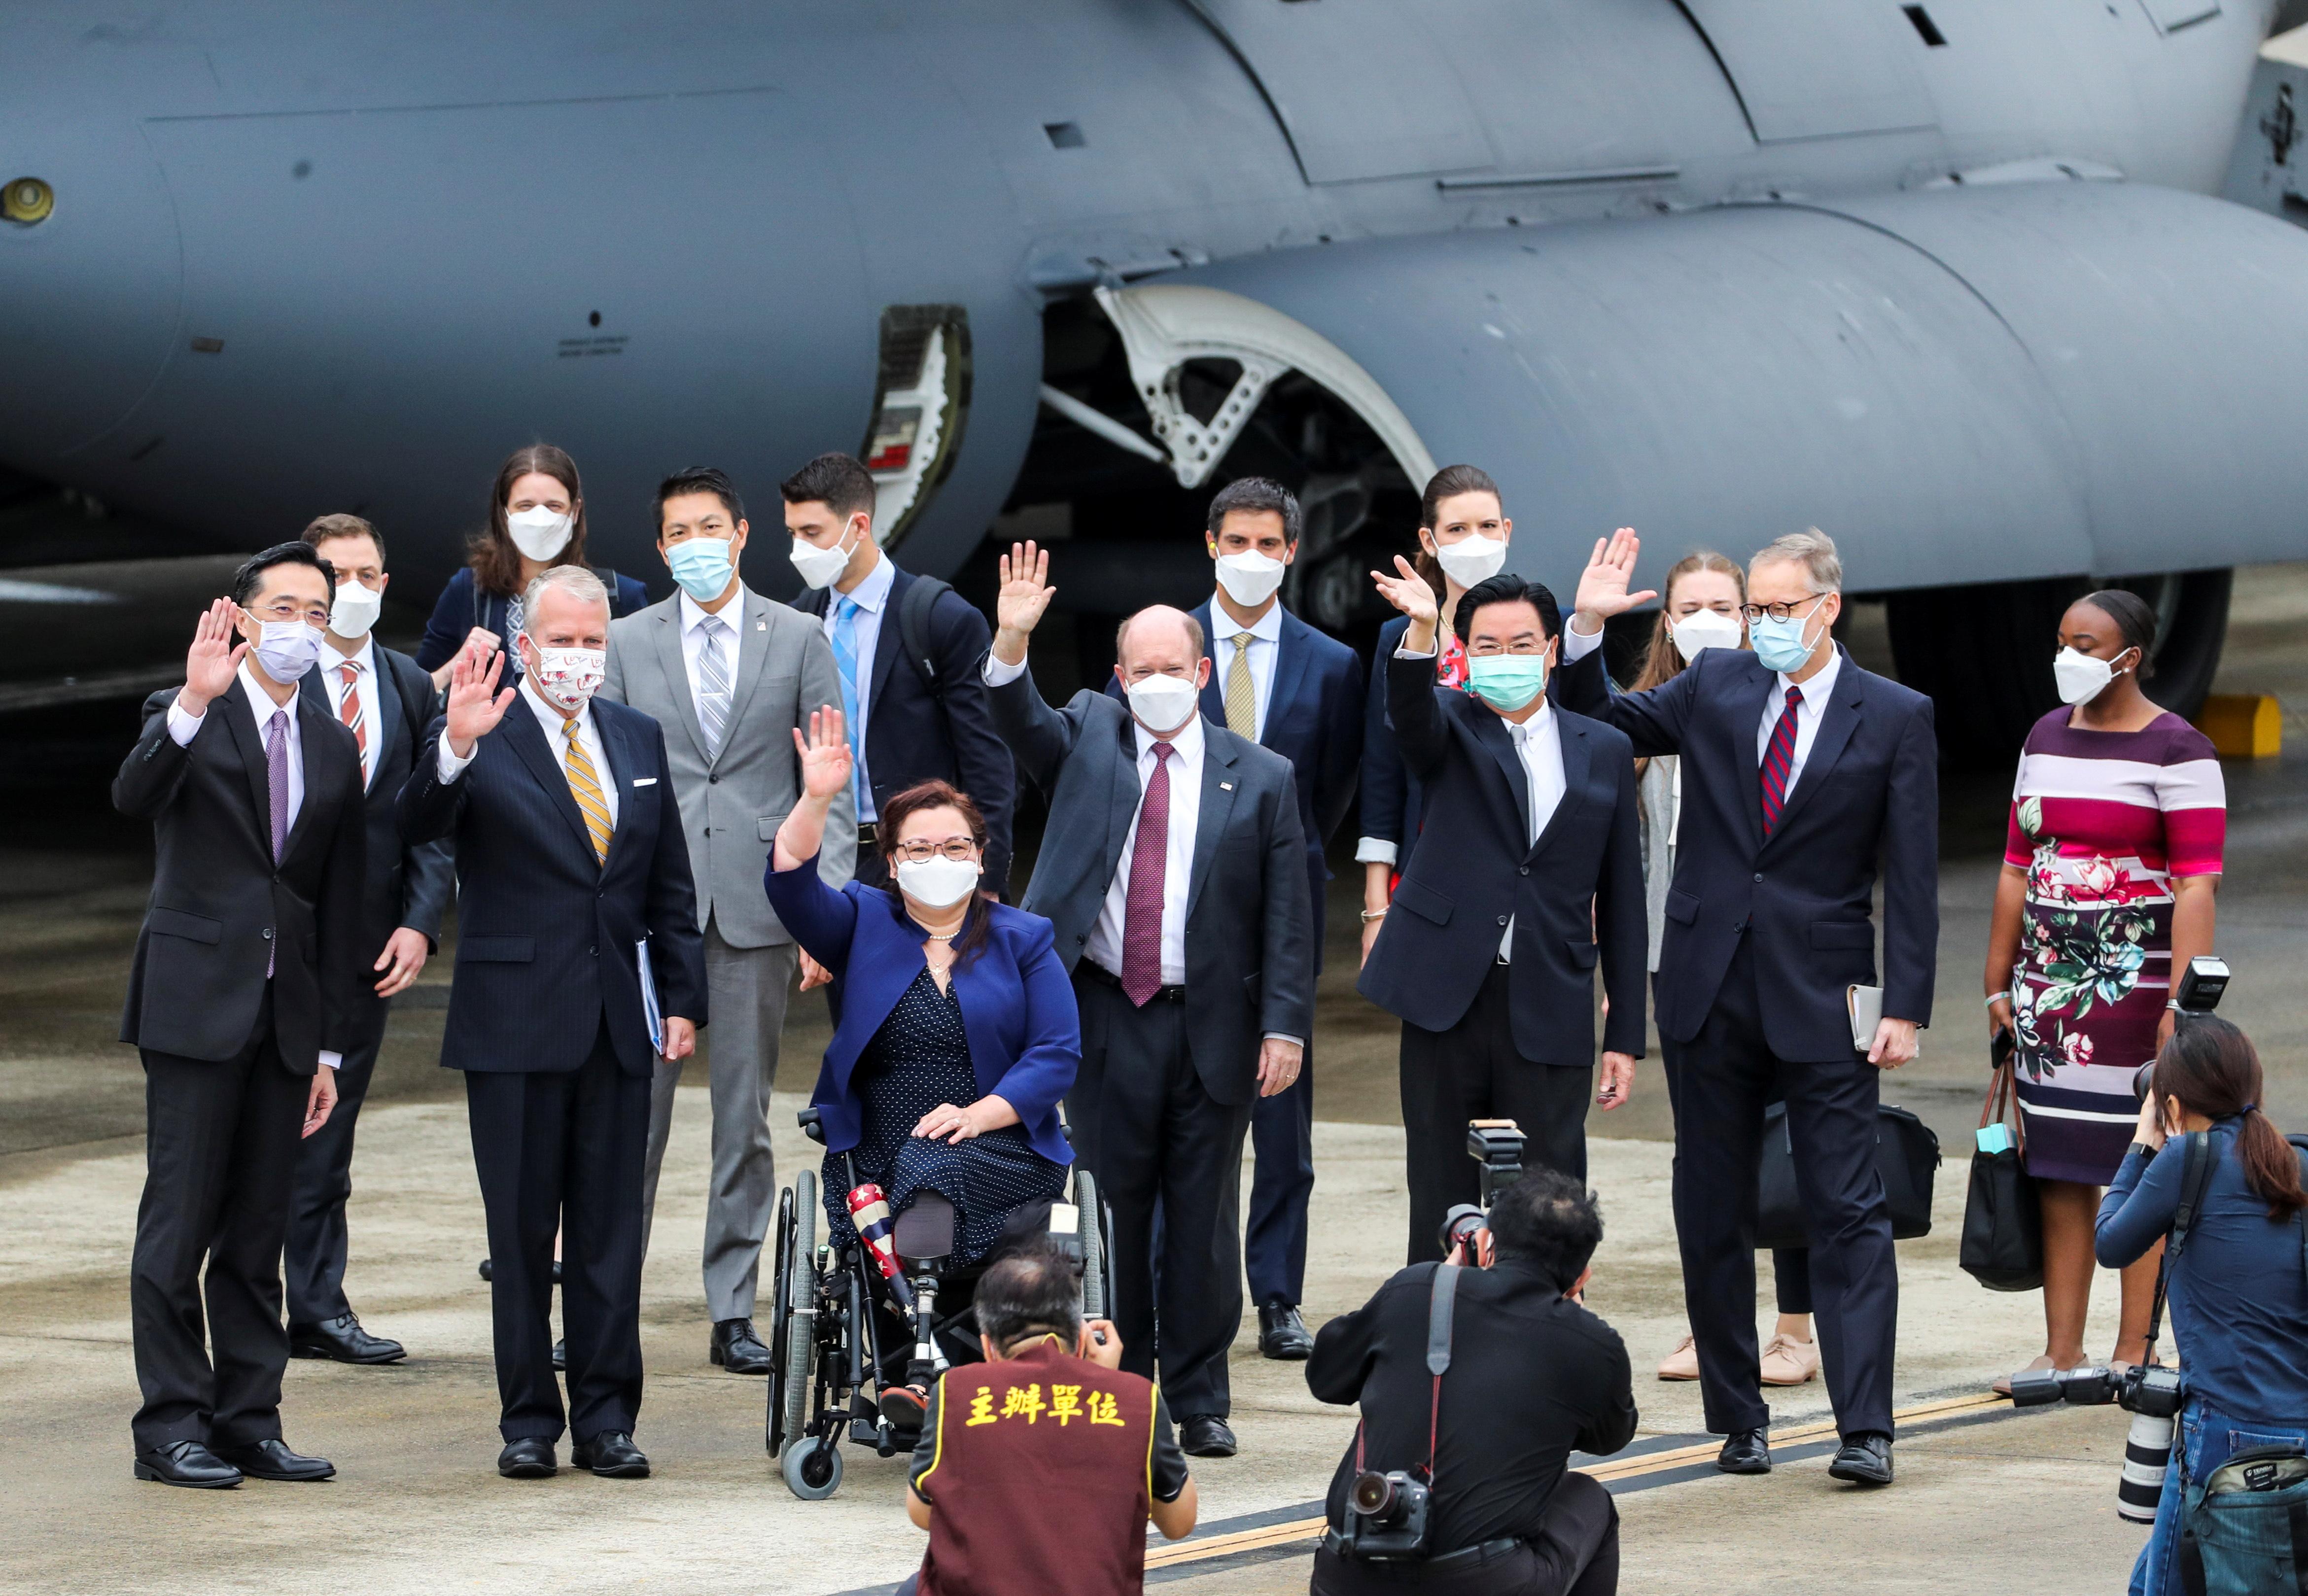 Các Thượng nghị sĩ Hoa Kỳ Tammy Duckworth (D-IL), Dan Sullivan (R-AK) và Chris Coons (D-DE) sóng đôi bên cạnh Bộ trưởng Ngoại giao Đài Loan Joseph Wu và Brent Christensen, Giám đốc Viện Hoa Kỳ tại Đài Loan, sau khi họ đến qua một Chuyên cơ chở hàng của Không quân Hoa Kỳ tại Sân bay Tùng Sơn Đài Bắc ở Đài Bắc, Đài Loan ngày 6 tháng 6 năm 2021. Hãng thông tấn Trung ương / Pool via REUTERS